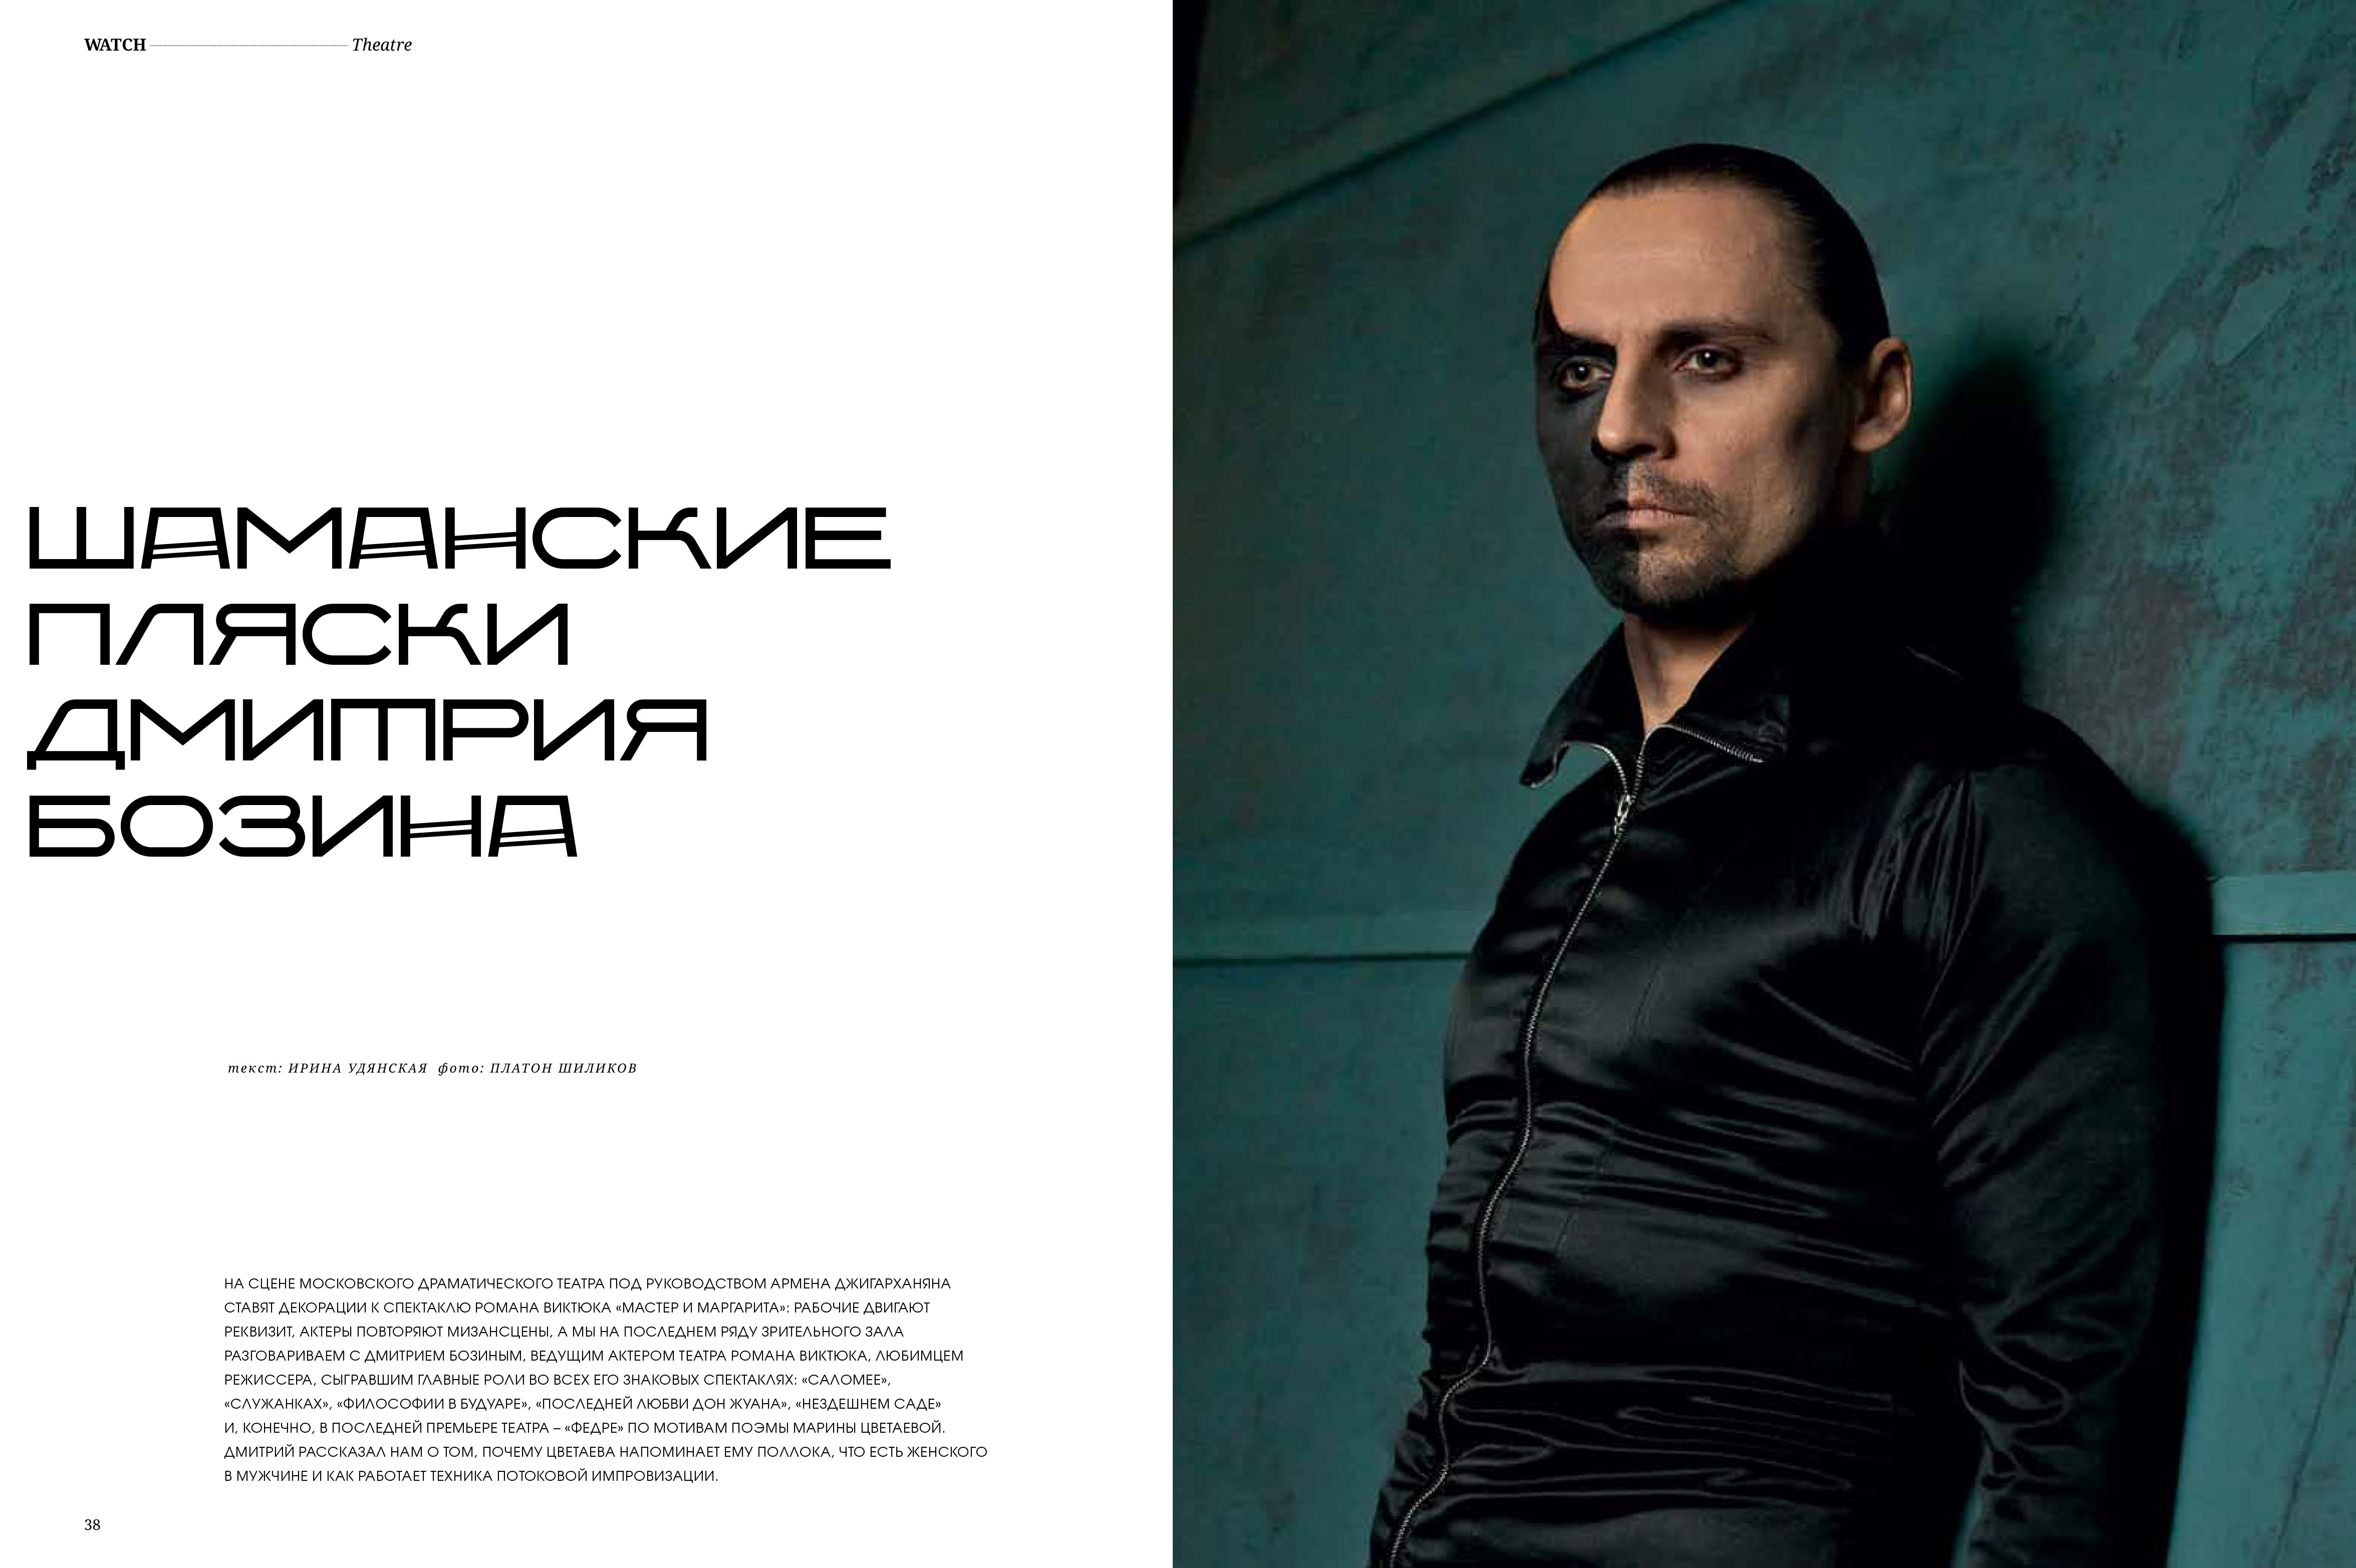 Интервью_Бозин_1